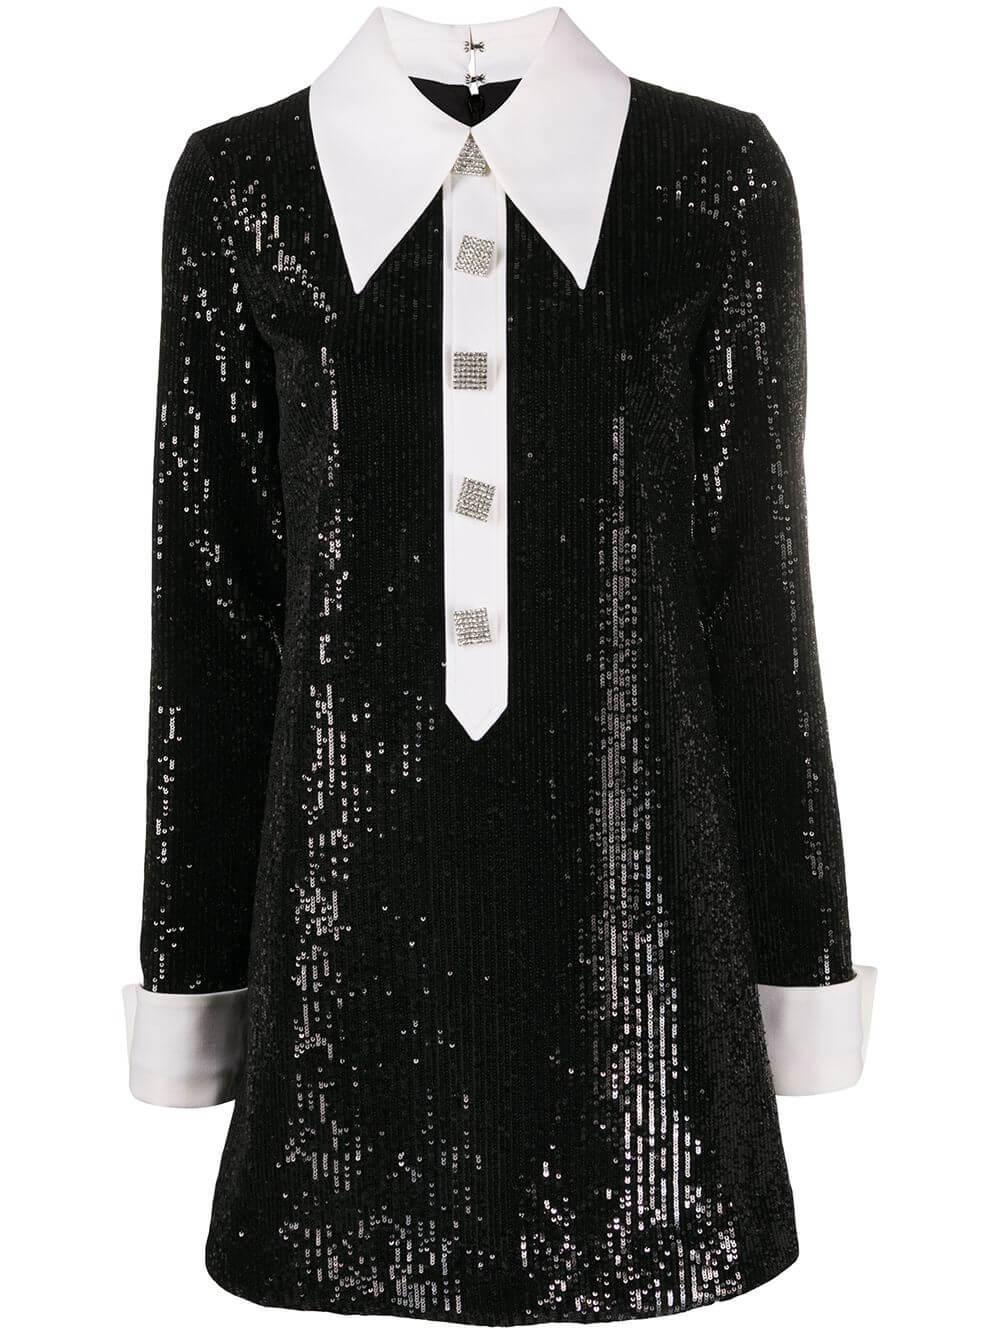 Sequin Embellished Mini Dress